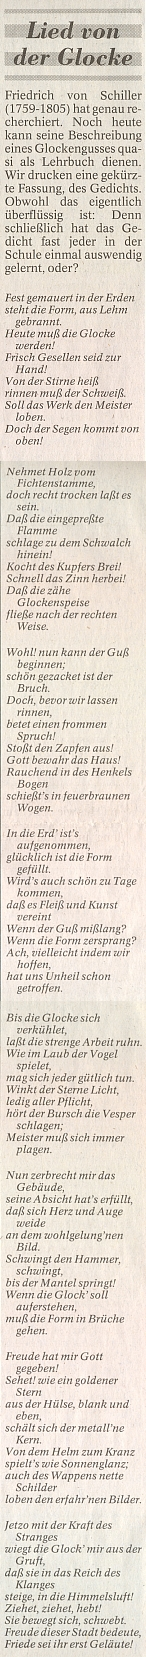 Schillerova Píseň o zvonu provázelavPassauer Neue Presse článek k50.jubileu firmy